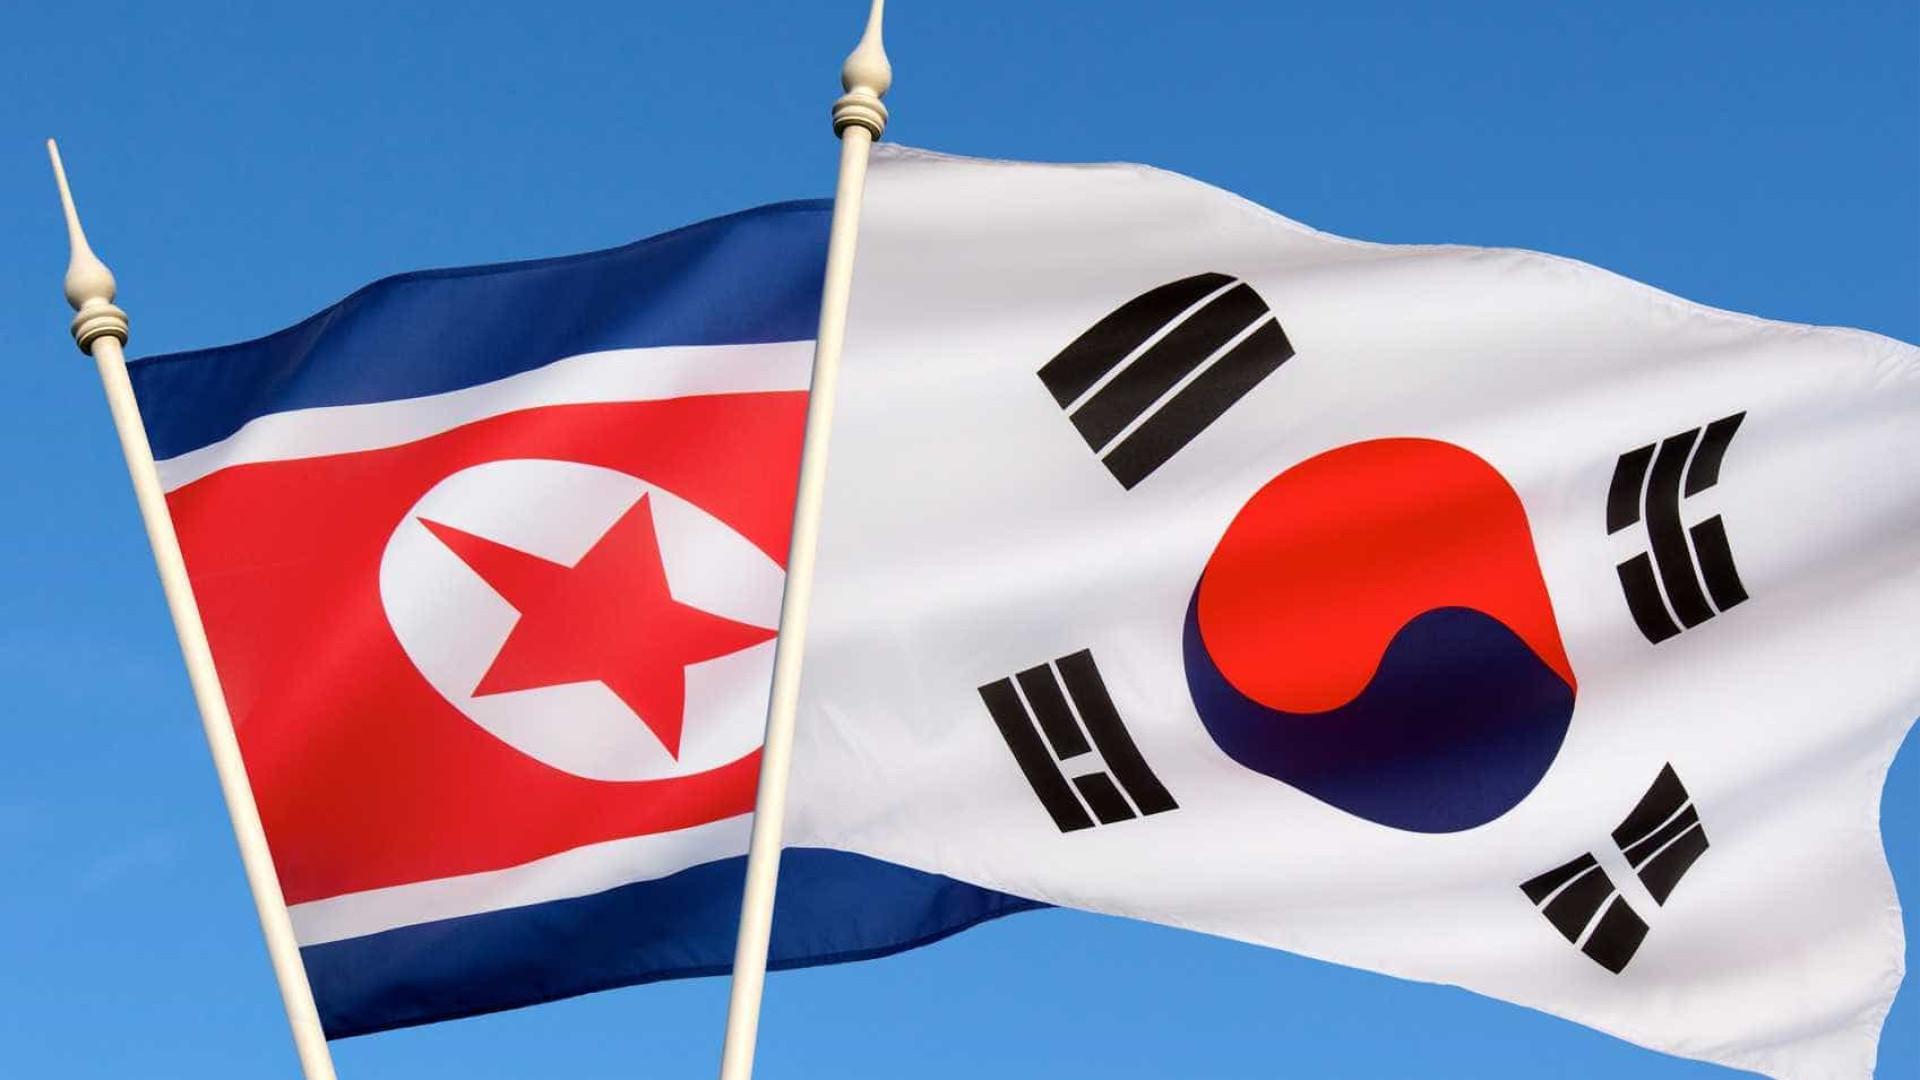 Coreia do Norte quer intensificar relações com Coreia do Sul